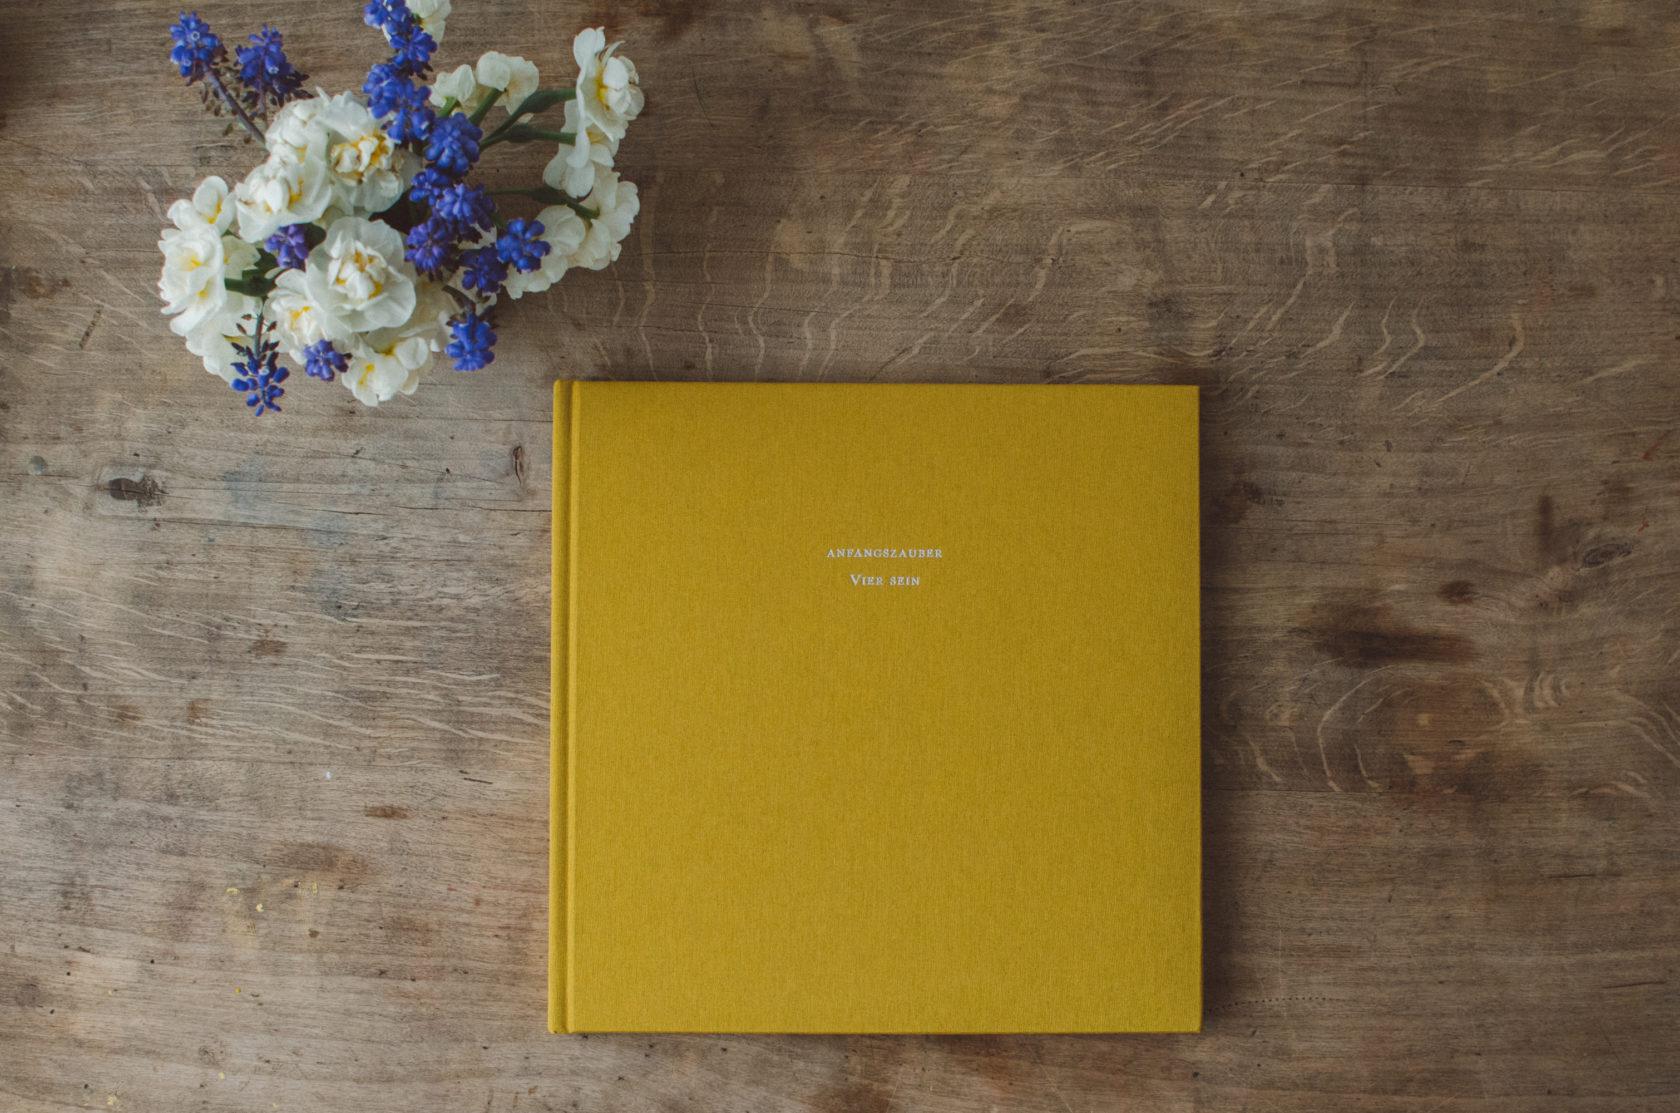 Ein gelbes in leinen gebundenes Fotobuch